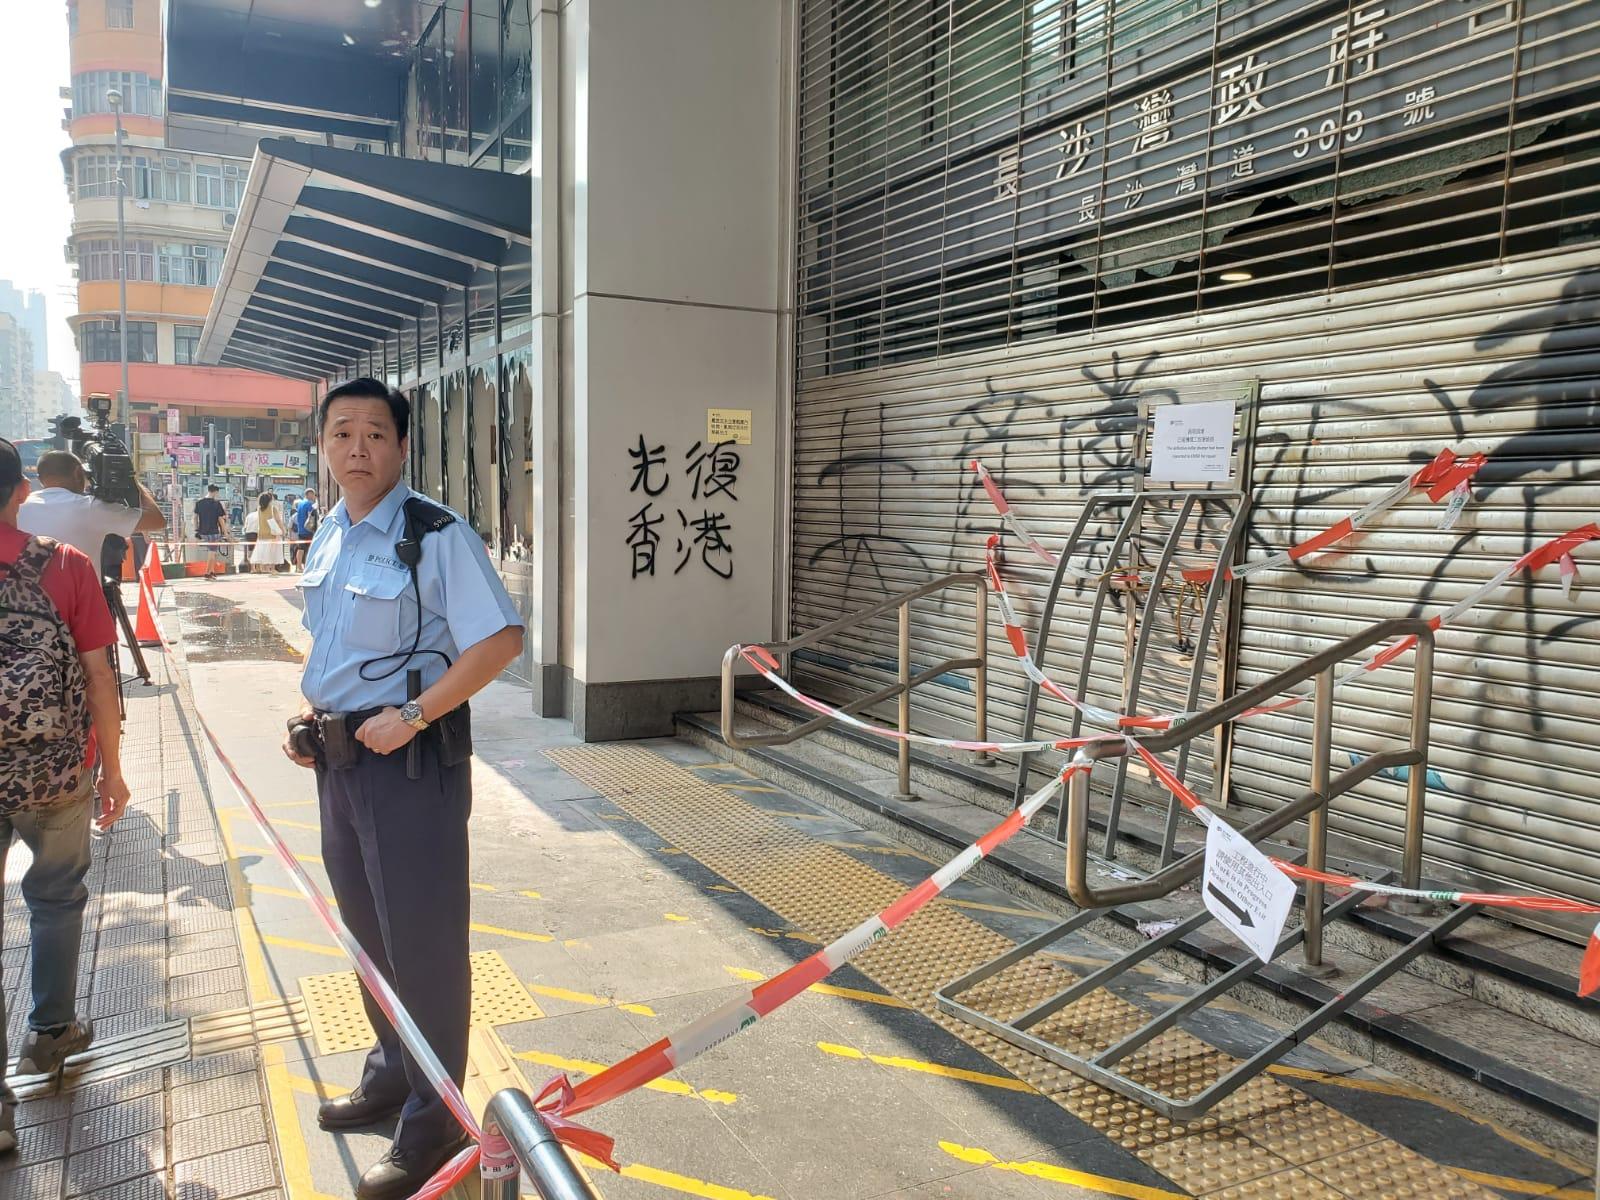 【修例风波】长沙湾政府合署损毁严重 玻璃门窗爆裂铁闸被涂鸦